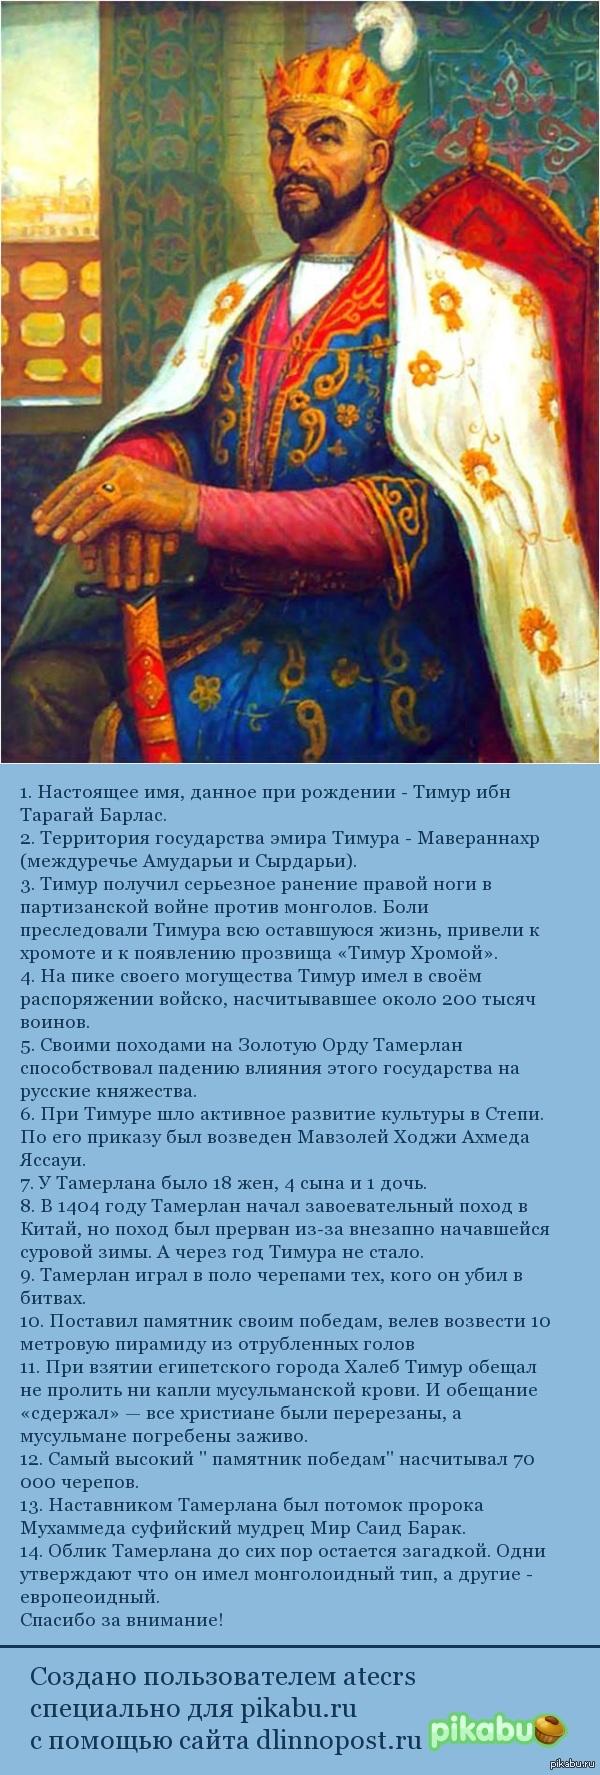 Тамерлан. Завоеватель мира. 14 фактов о Тамерлане.